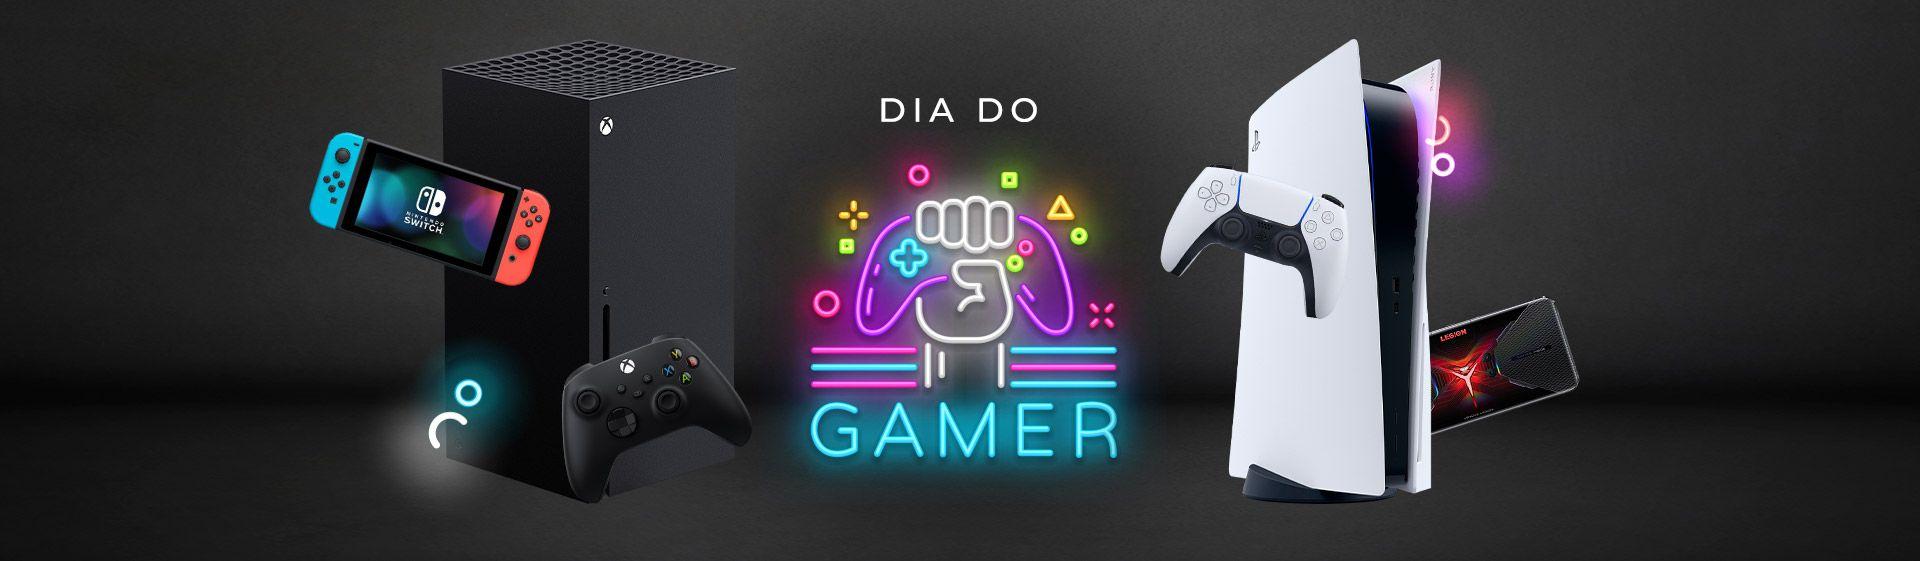 Ilustração de fundo preto com centro em neon destacando o Dia do Gamer, com consoles Nintendo, Xbox, PlayStation e celular e